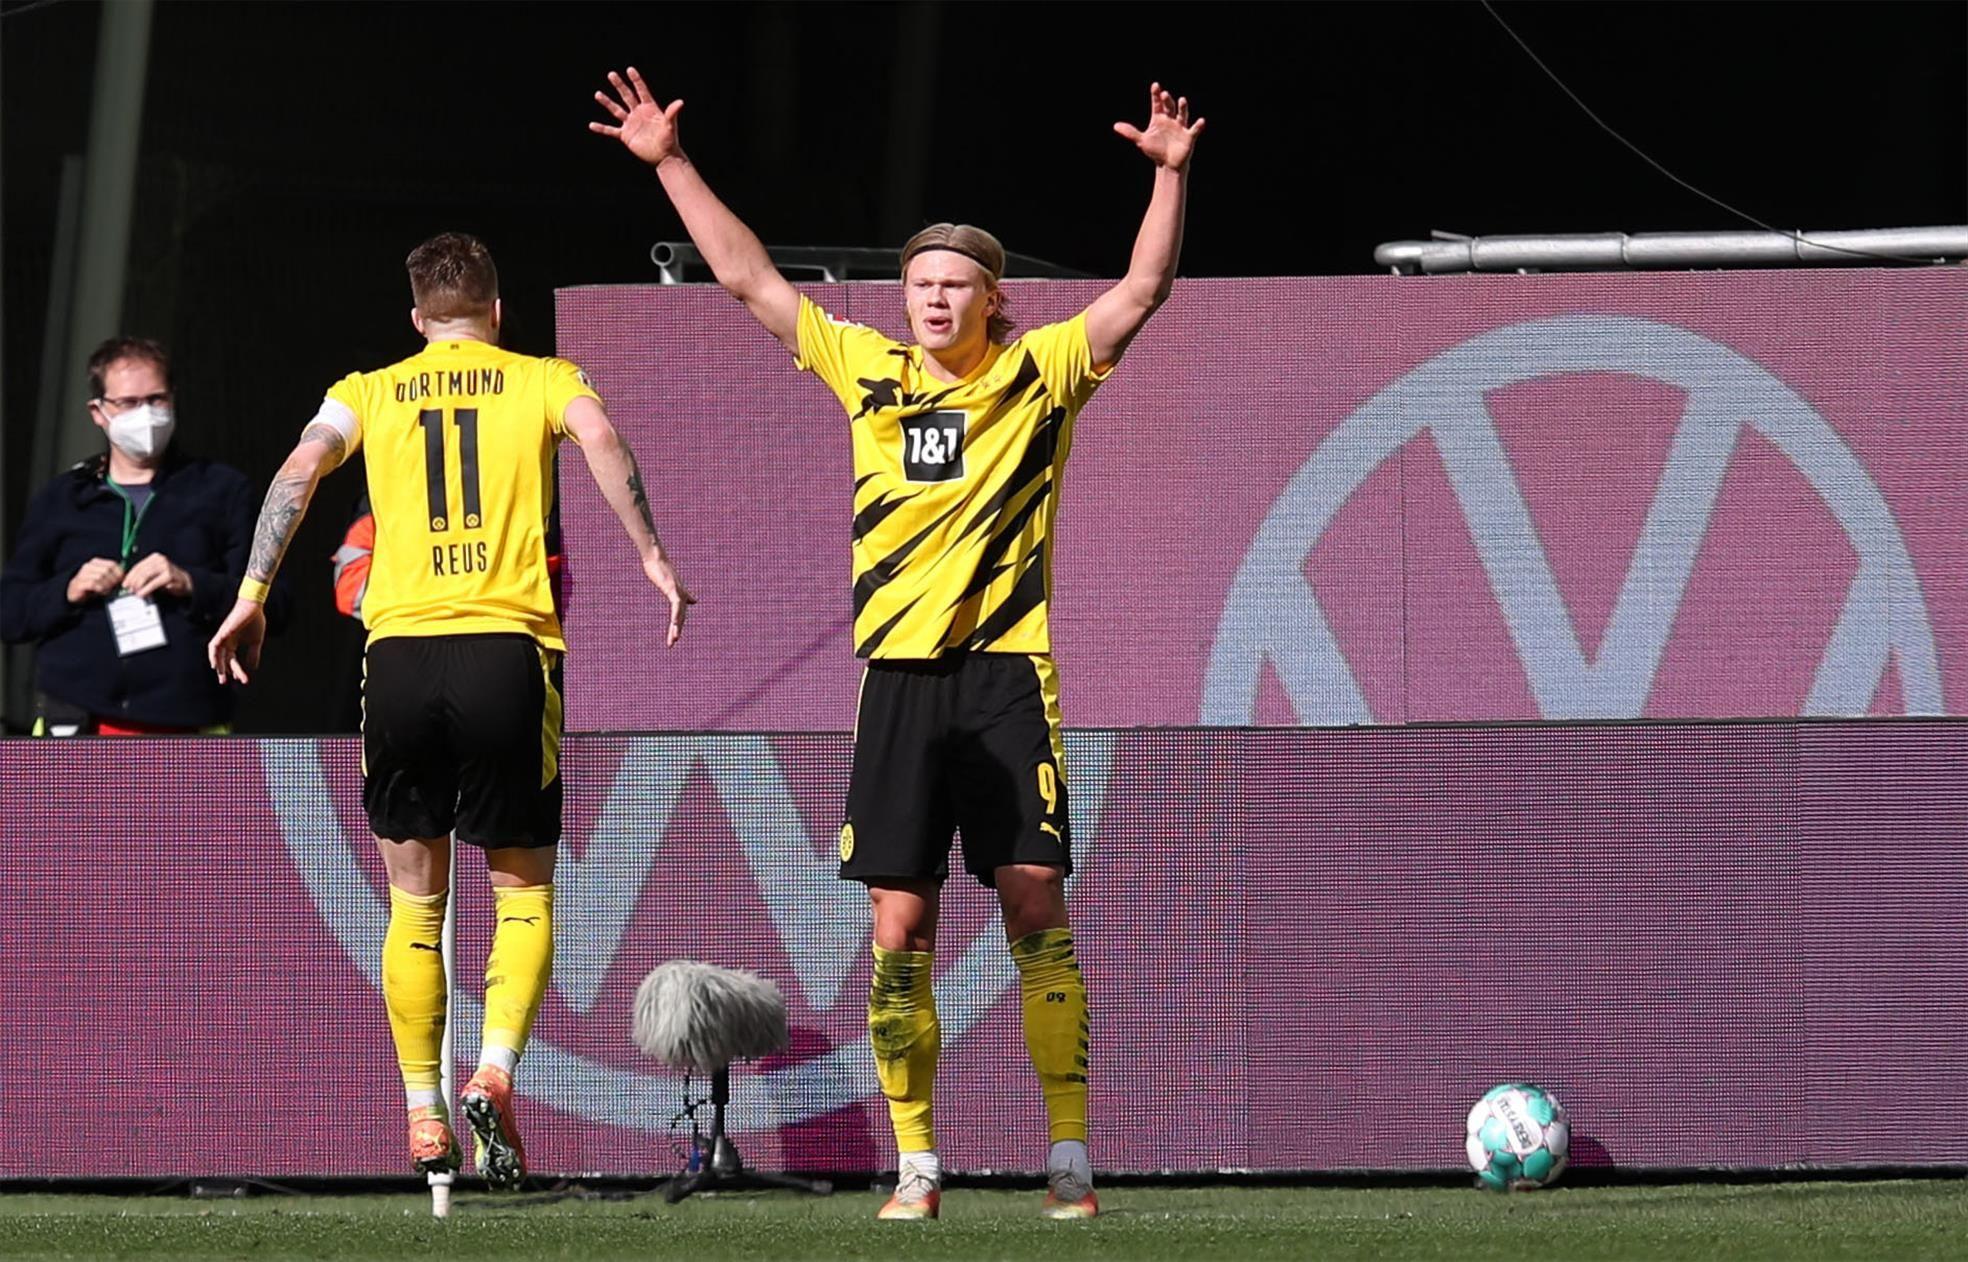 El Dortmund se impone al Wolfsburgo (0-2) y se recrudece la pelea por estar en Champions